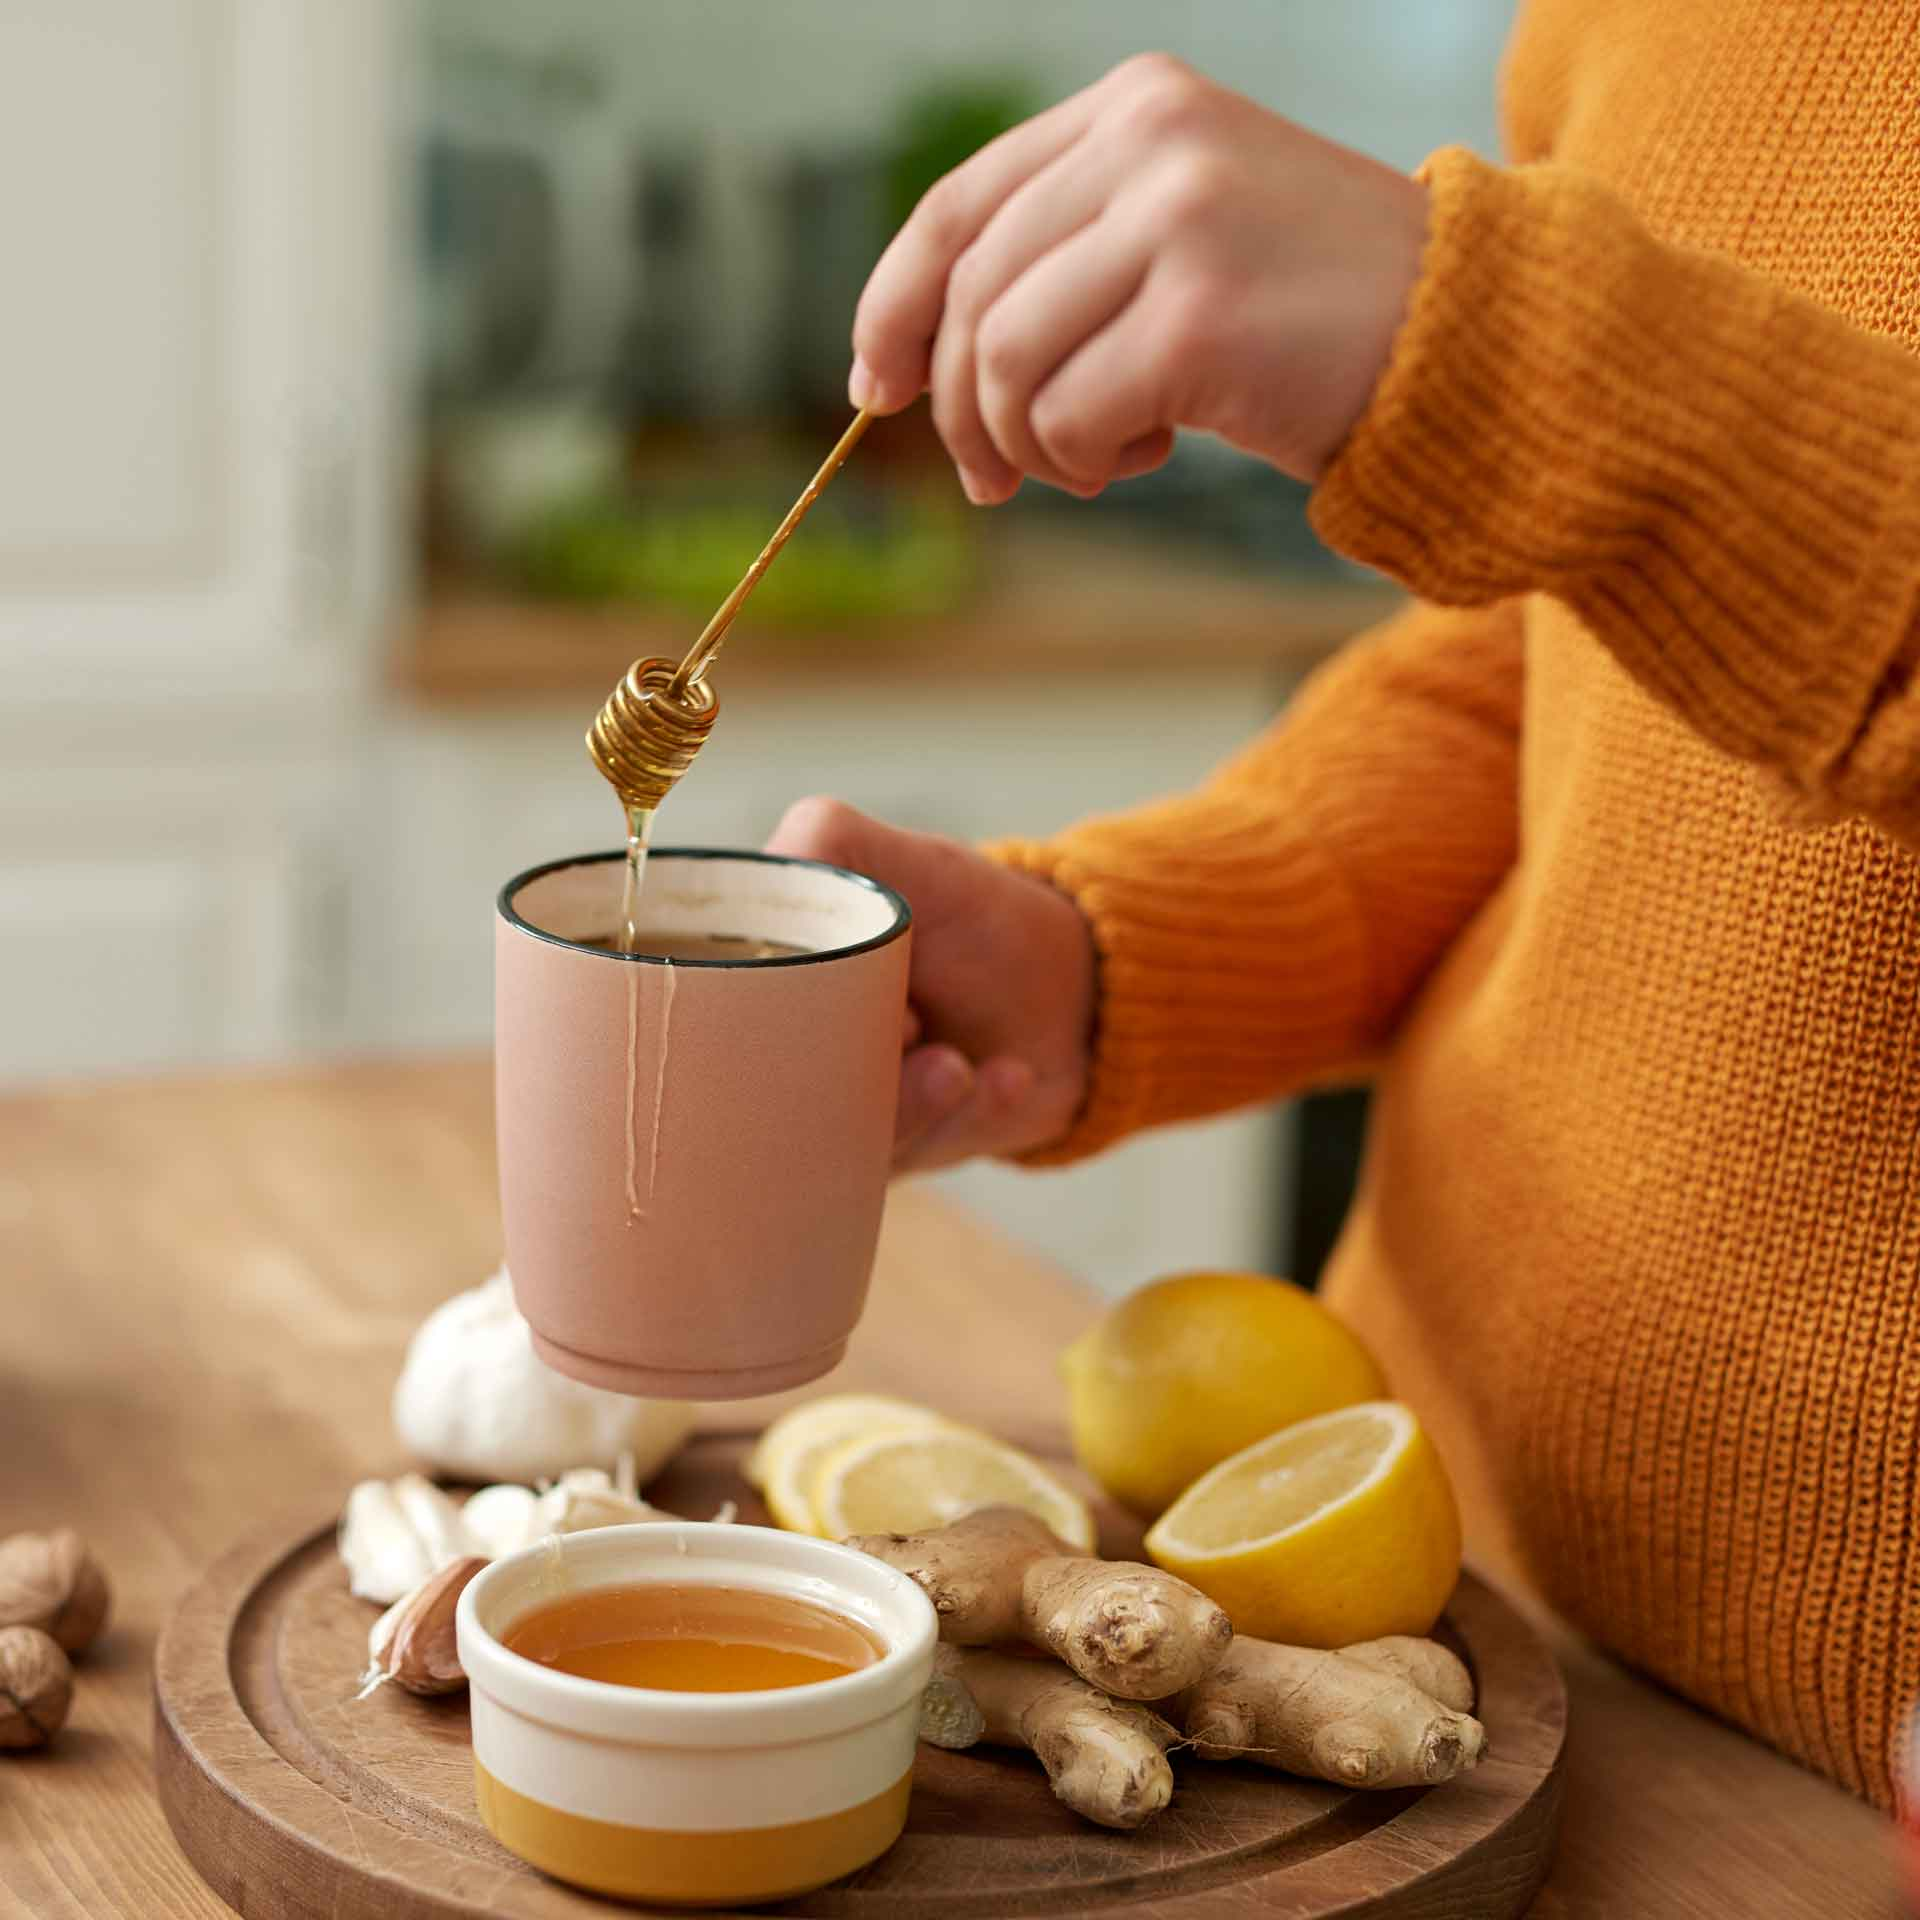 kako napraviti čaj od đumbira limuna i meda za prehladu i bronhitis